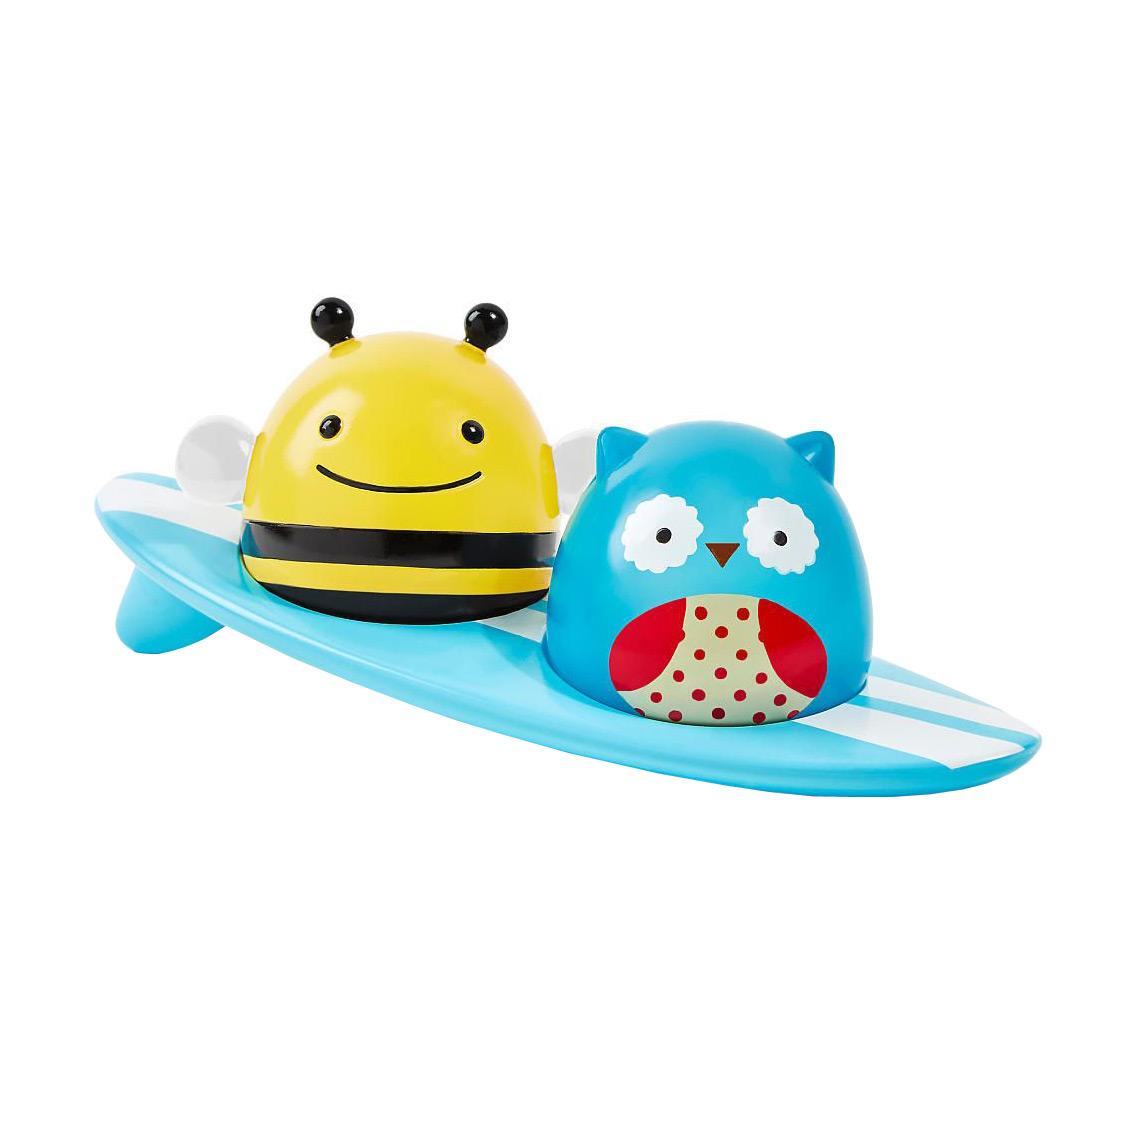 Игрушка для ванной СерферыИгрушки для ванной<br>Игрушка для ванной Серферы<br>